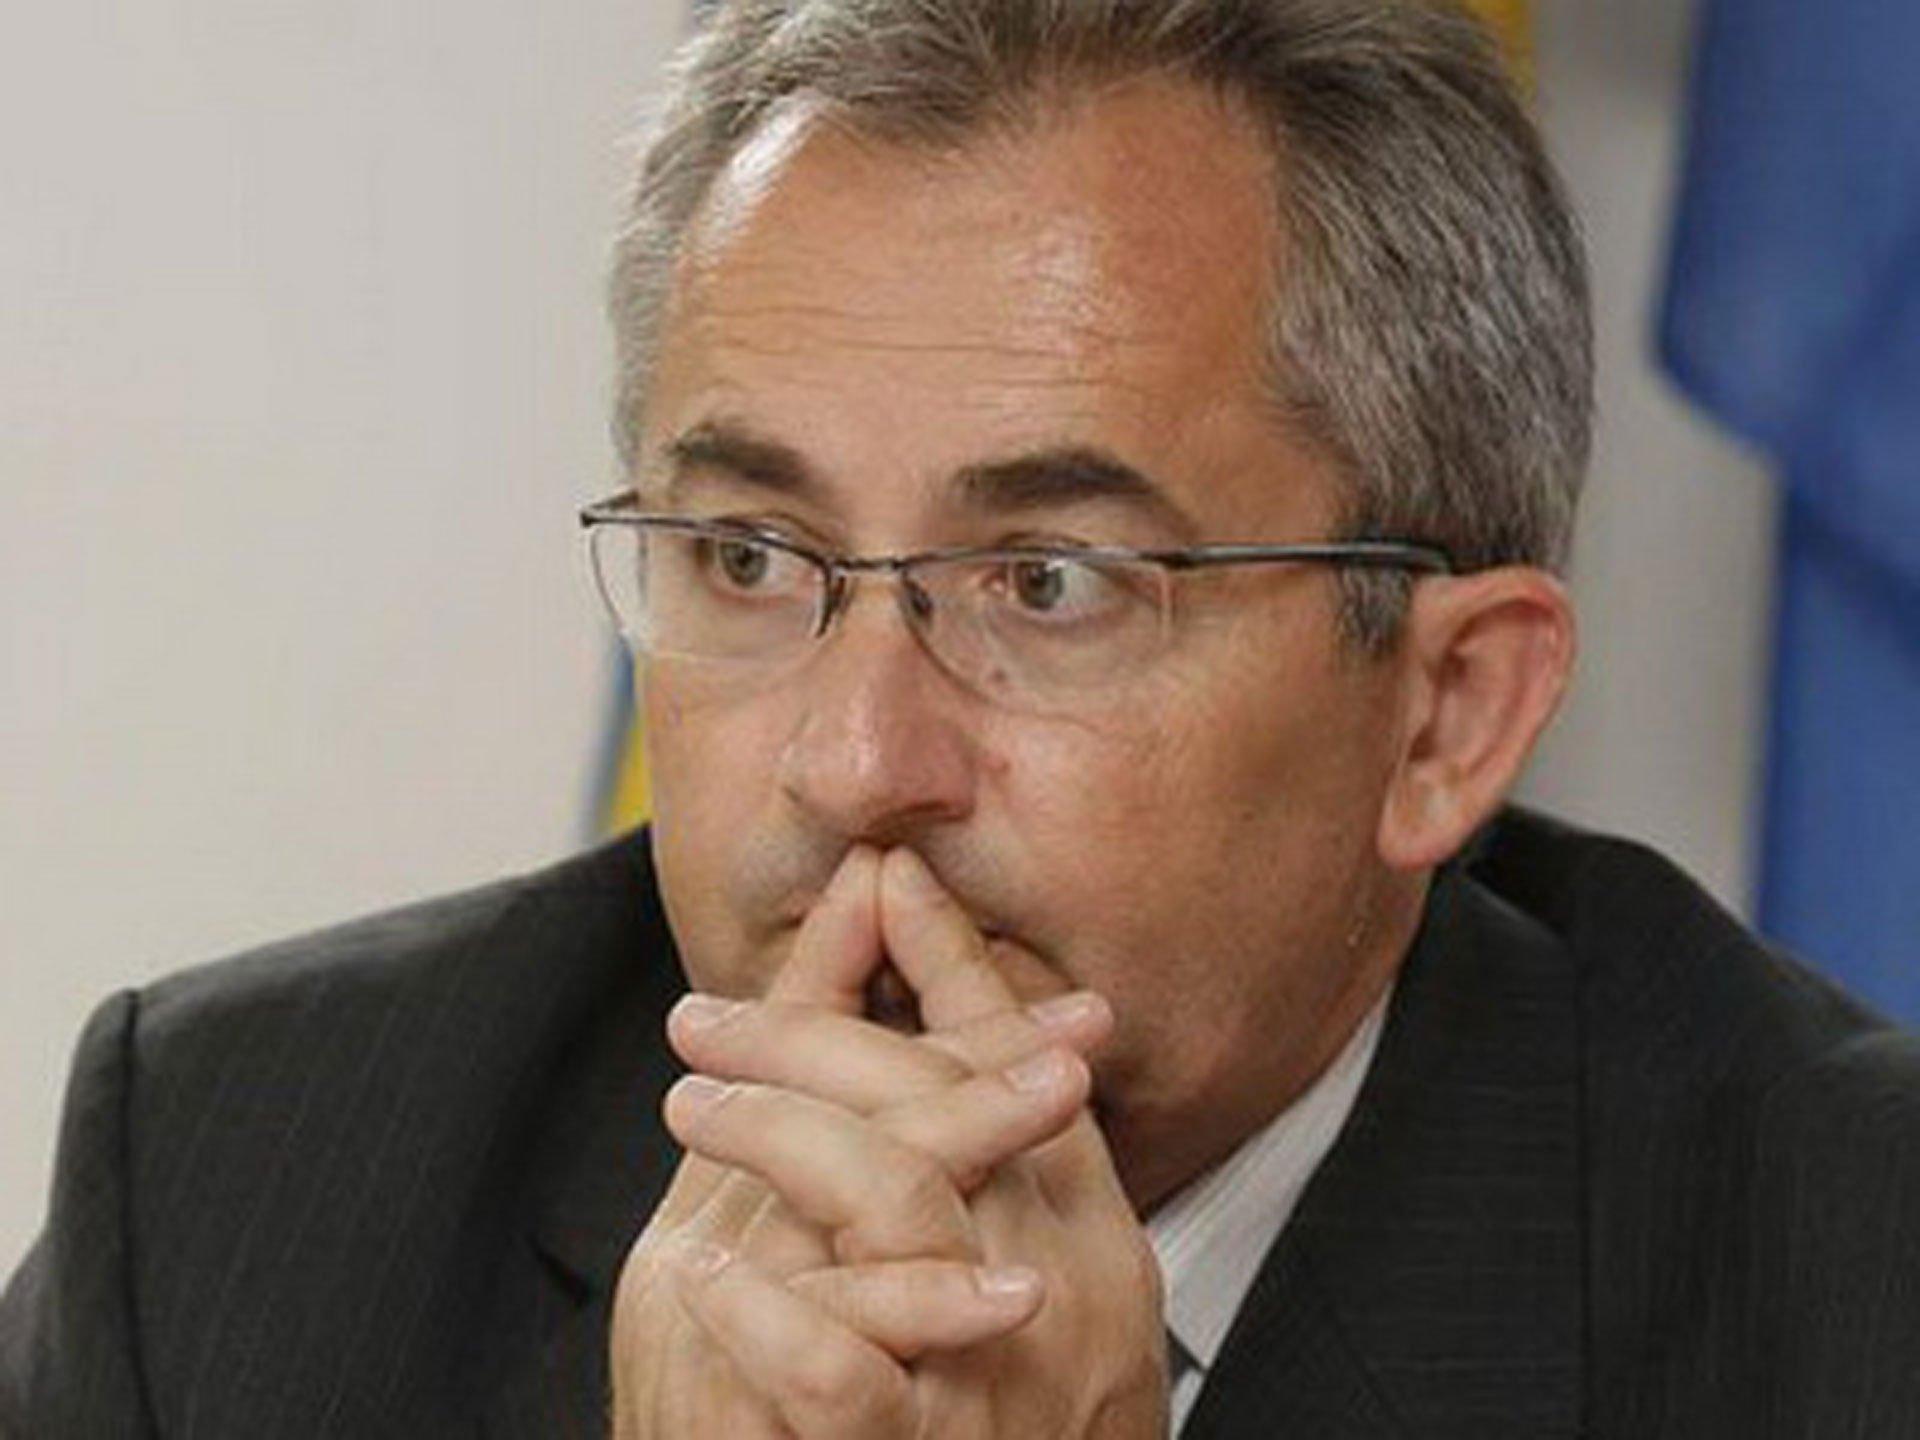 danas-u-oslobodjenju-branko-todorovic-izvrsni-direktor-helsinskog-komiteta-u-rsu-vuciceva-ideja-mi-lici-na-djeciju-igru_1439580042